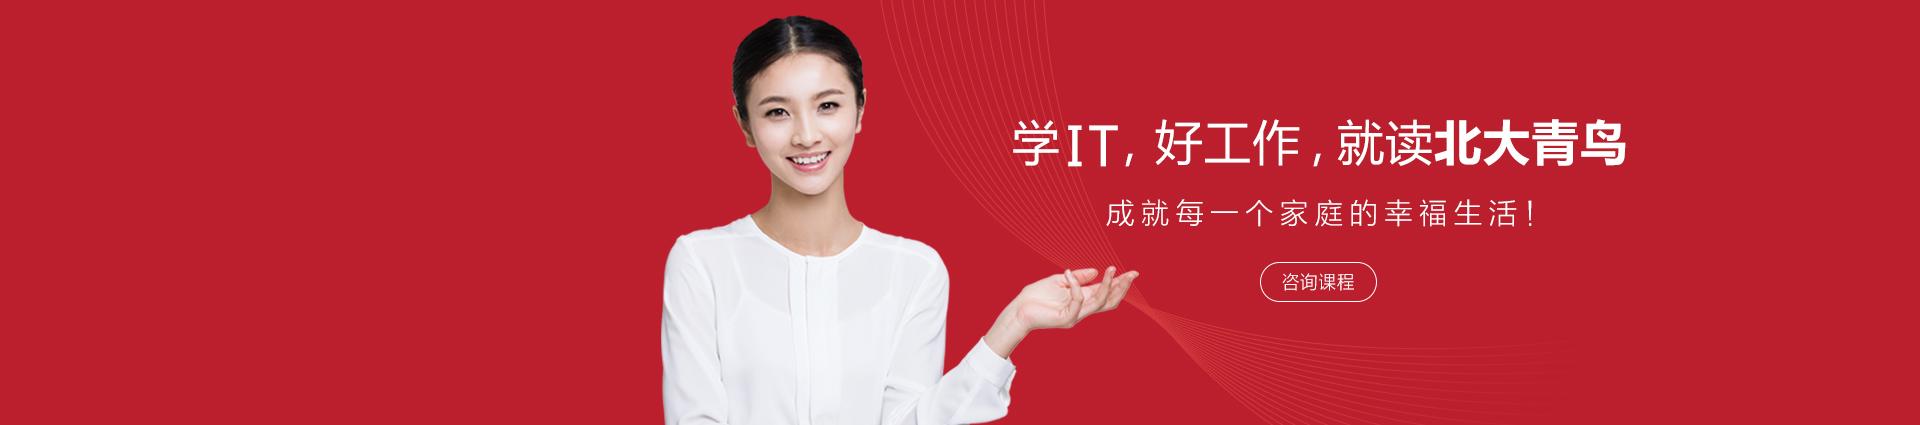 北大火竞猜投注IT培训学校